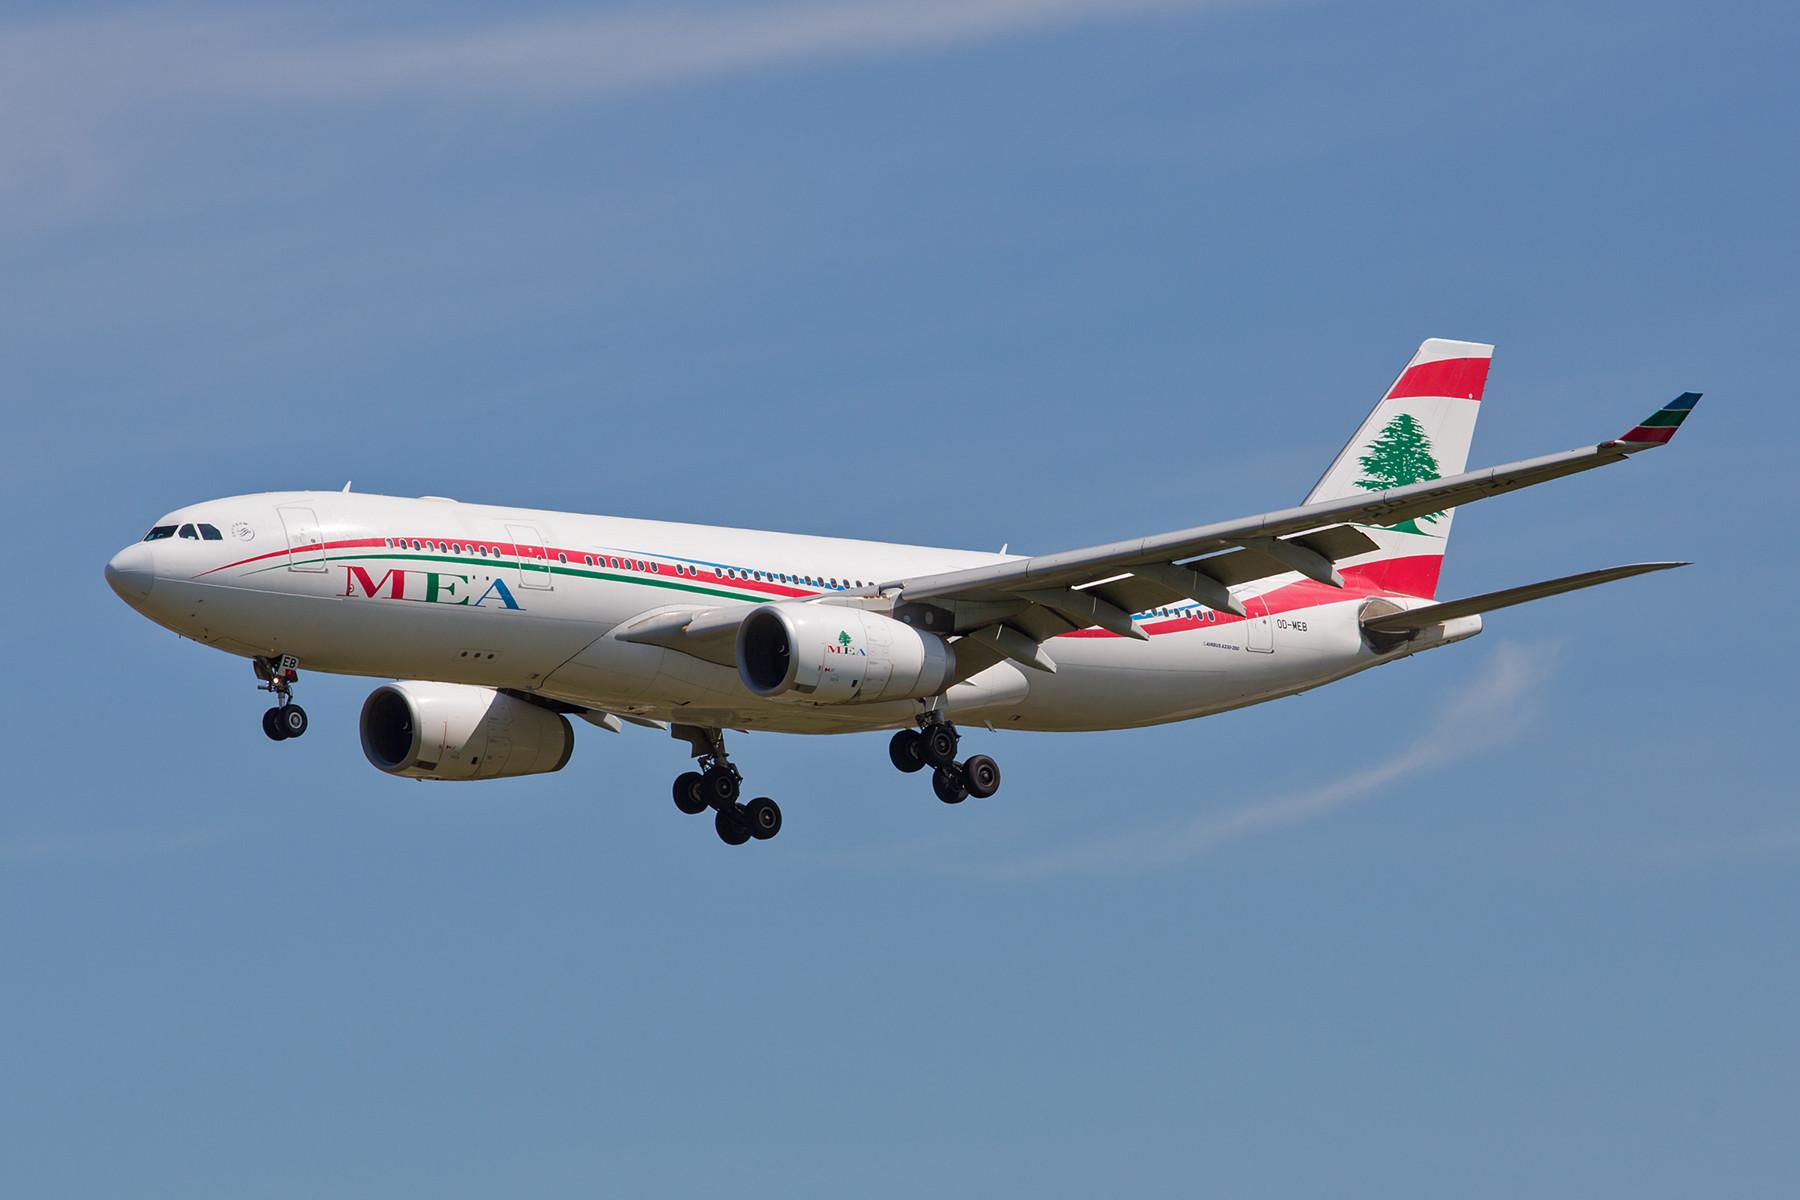 Auch Middle East Airlines kommt mit Großgerät nach London